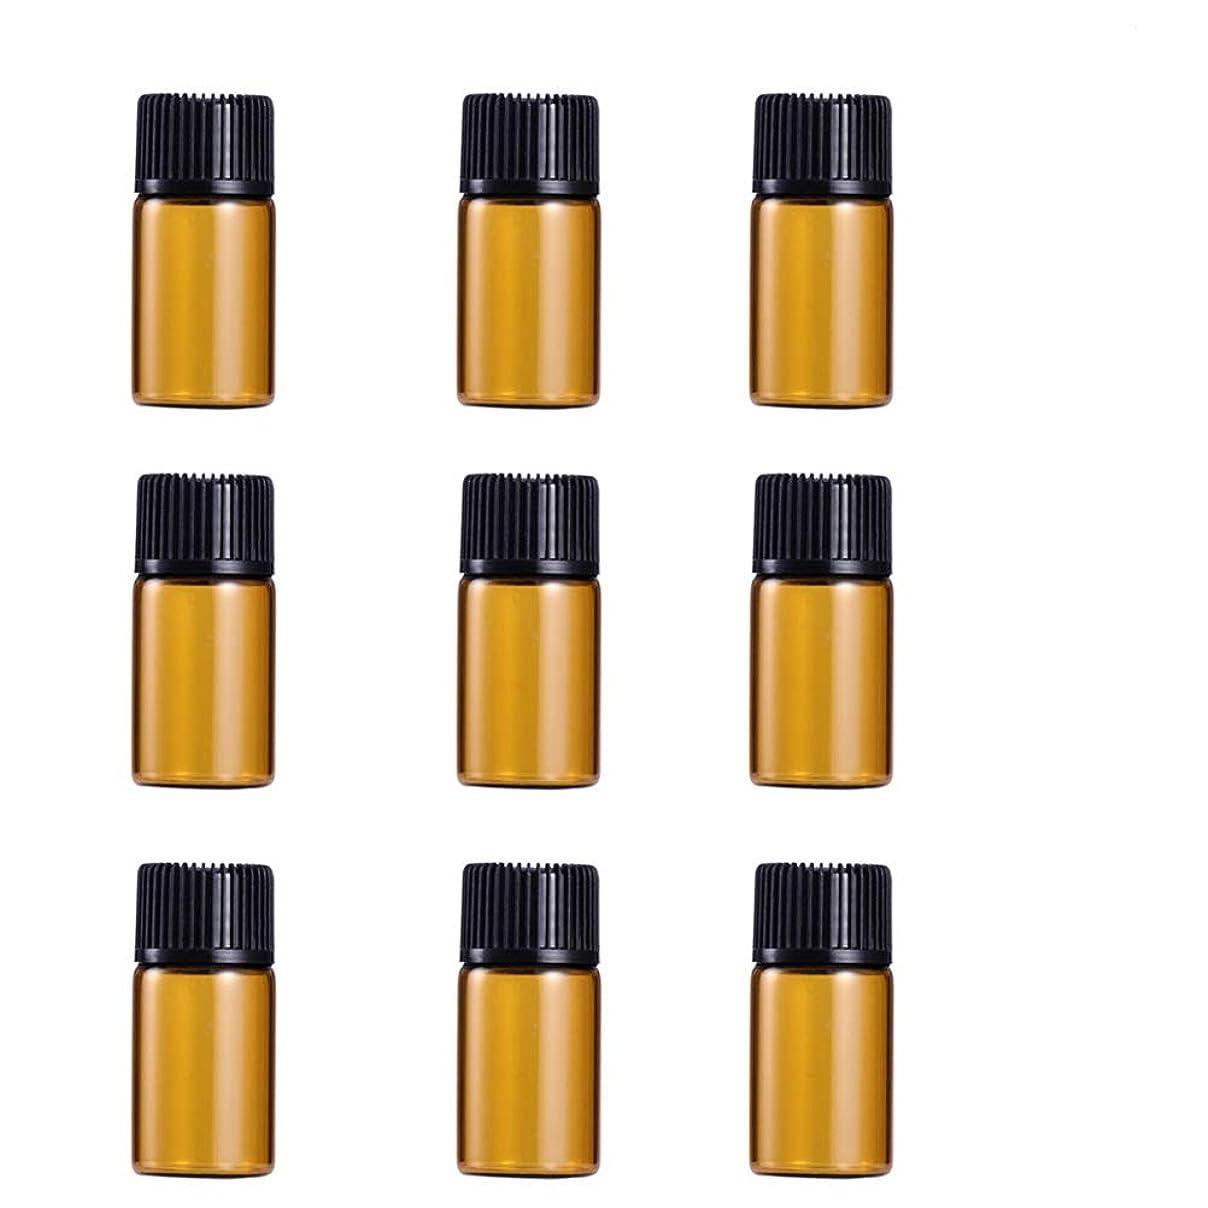 継続中可塑性米ドルWINOMO 遮光瓶 アロマオイル 精油 小分け用 遮光瓶セット アロマボトル 保存容器 エッセンシャルオイル 香水 保存用 詰替え ガラス 茶色(9個入り 3ml)